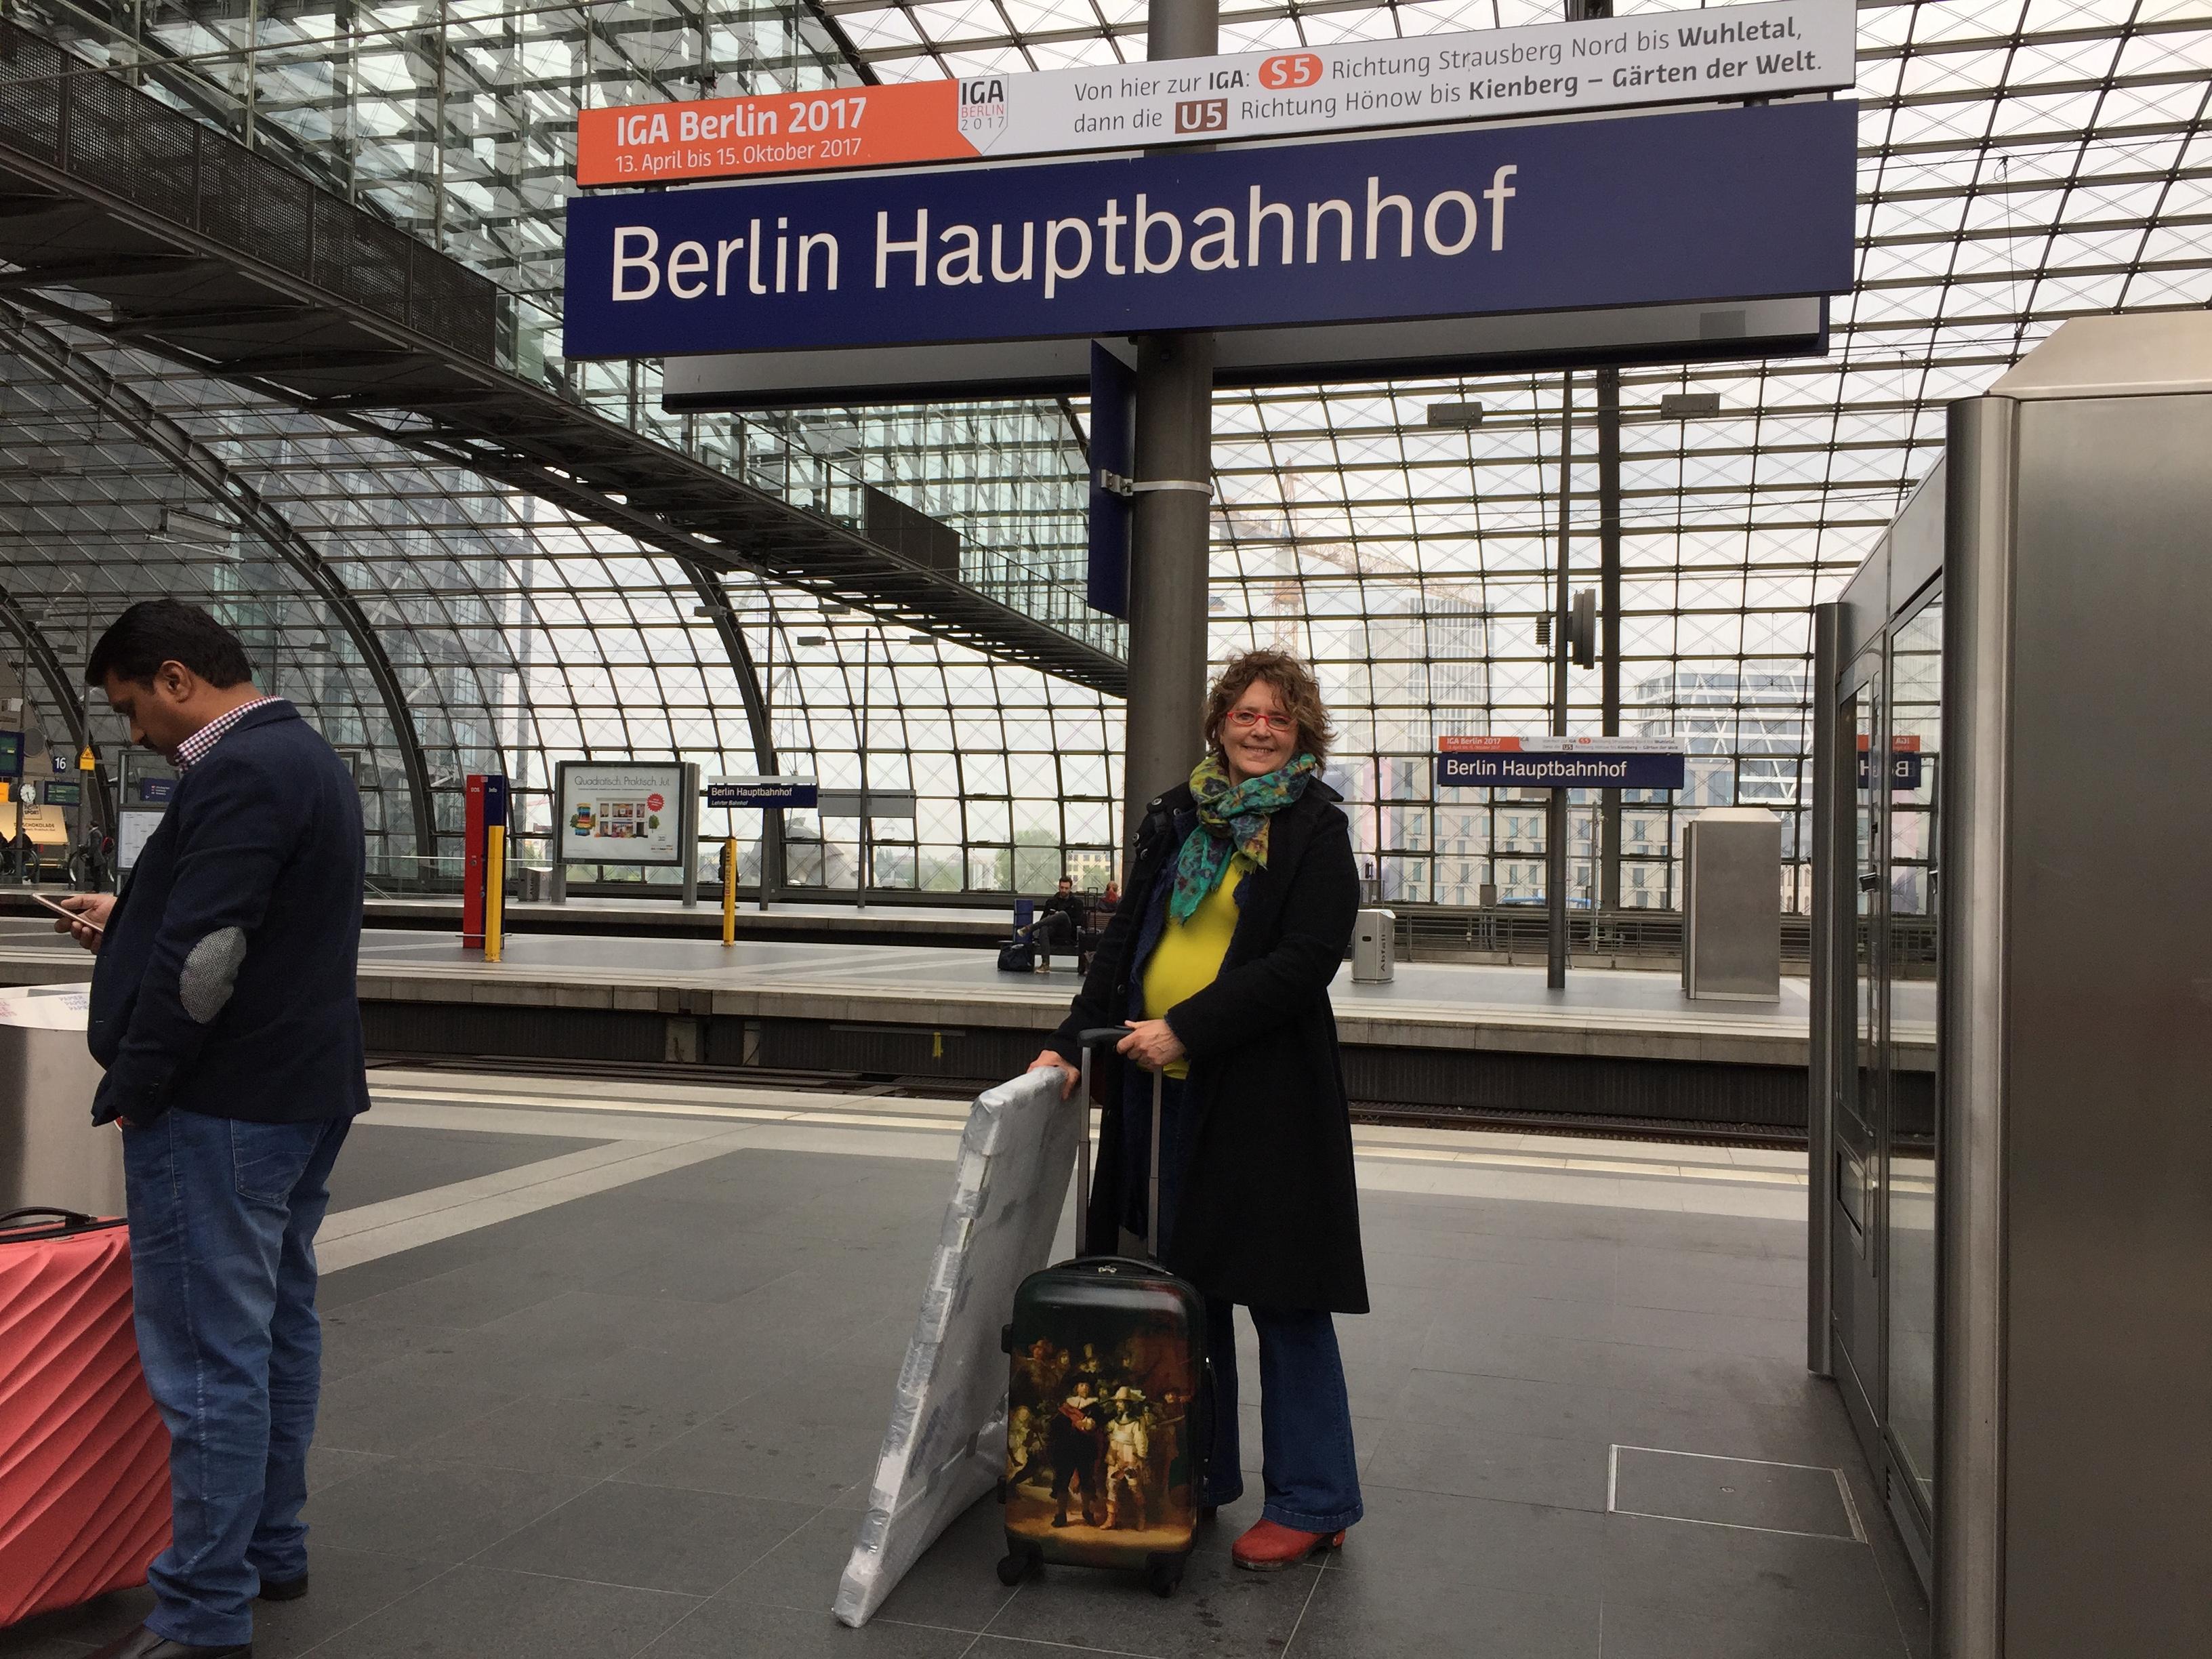 Berlijn here I come again